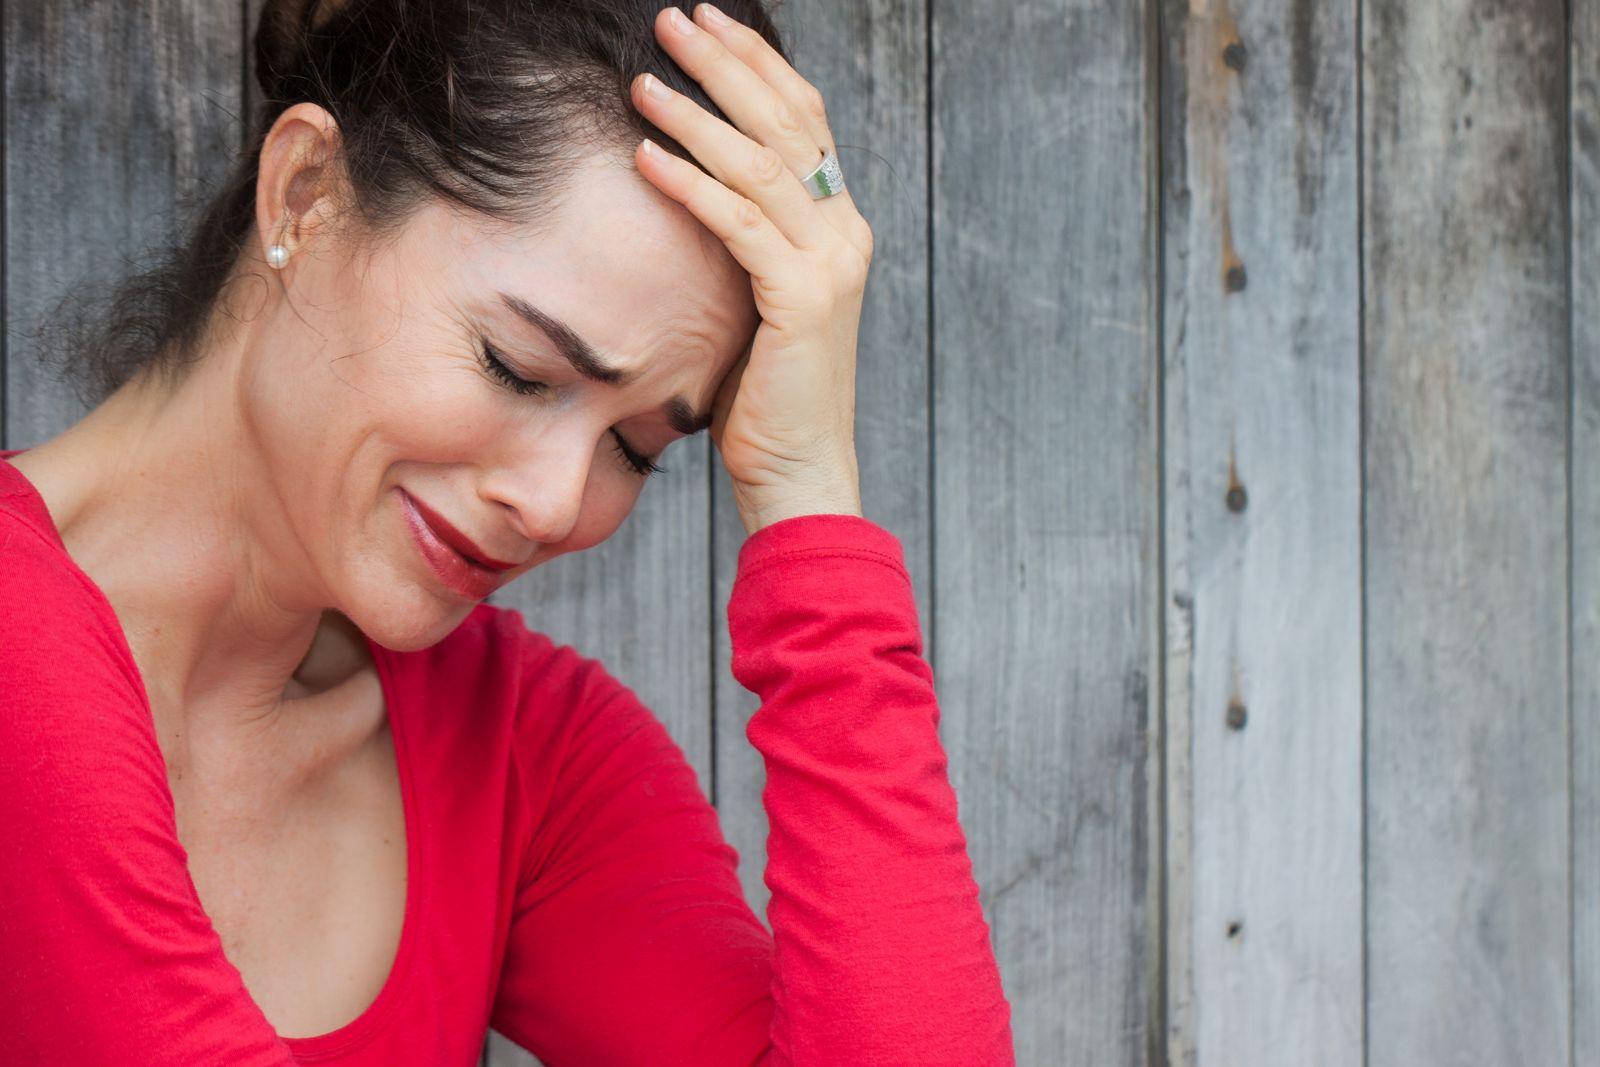 7 советов для гиперчувствительных людей: как перестать принимать все близко к сердцу